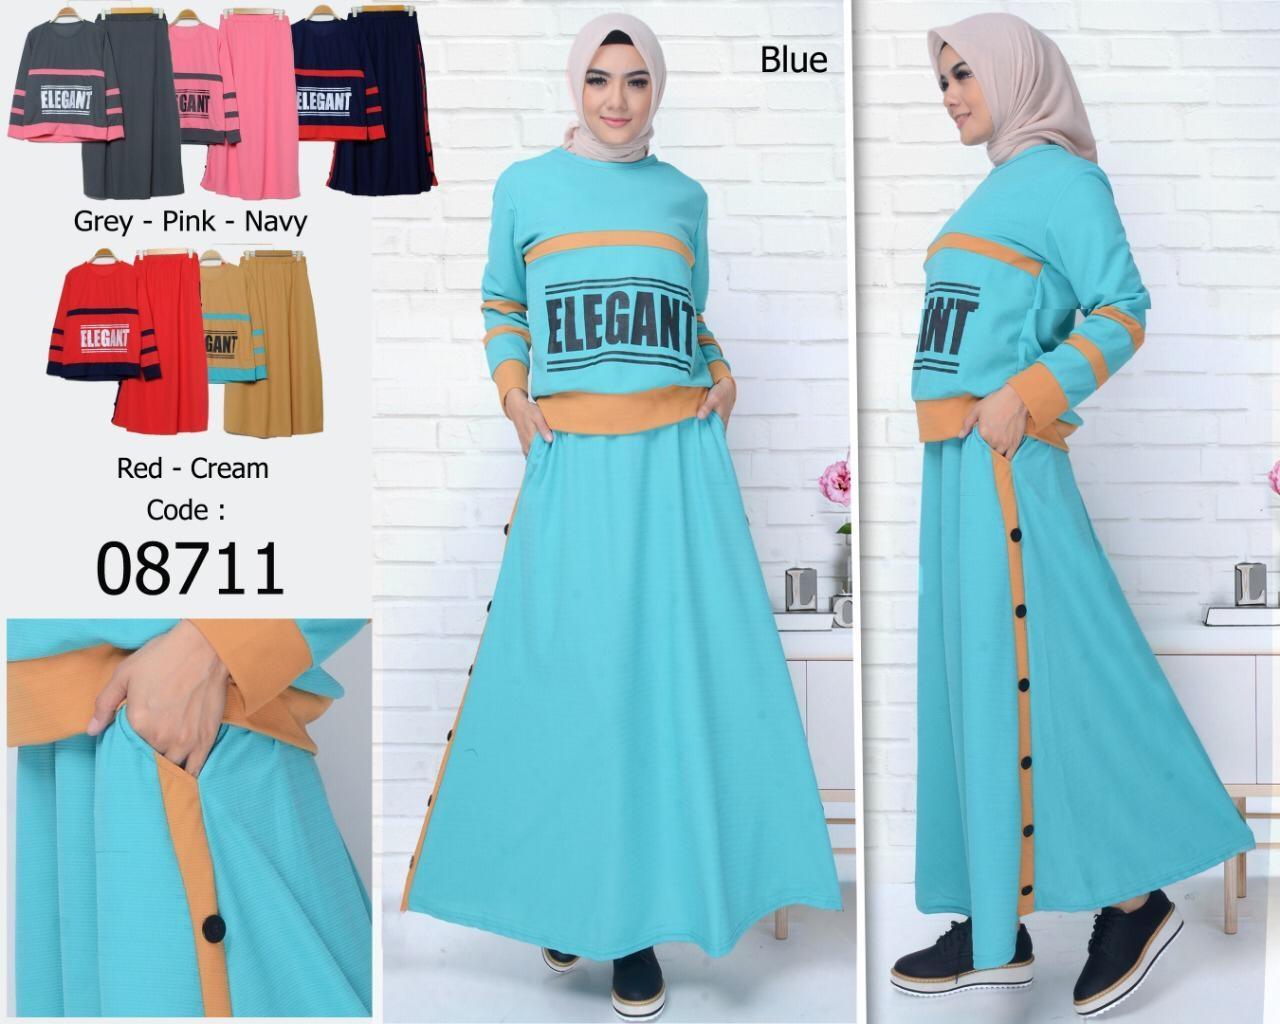 STELAN GAMIS ST08711 / set wanita / baju muslim / atasan muslimah / rok wanita / atasan wanita / kemeja / tunik / dress / jumpsuit